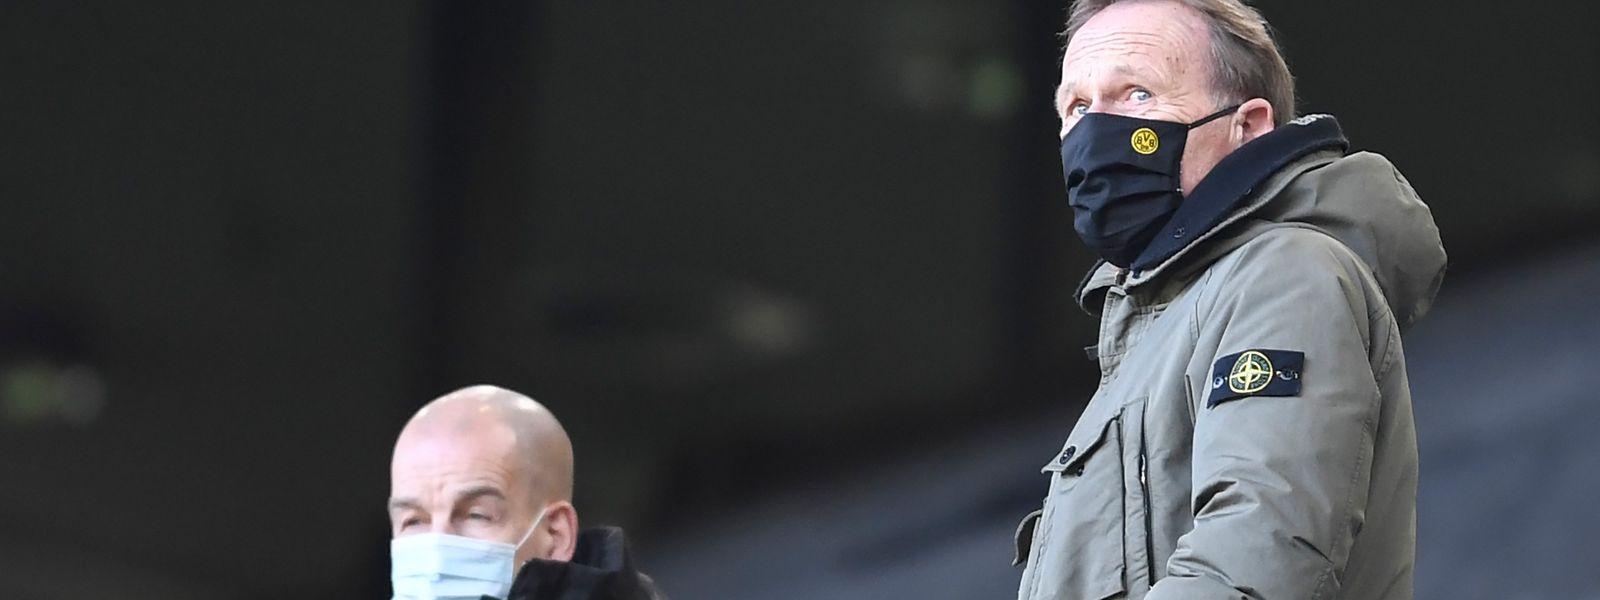 Dortmunds Geschäftsführer Hans-Joachim Watzke (r.) setzt nach den Vorkommnissen auf den Dialog.